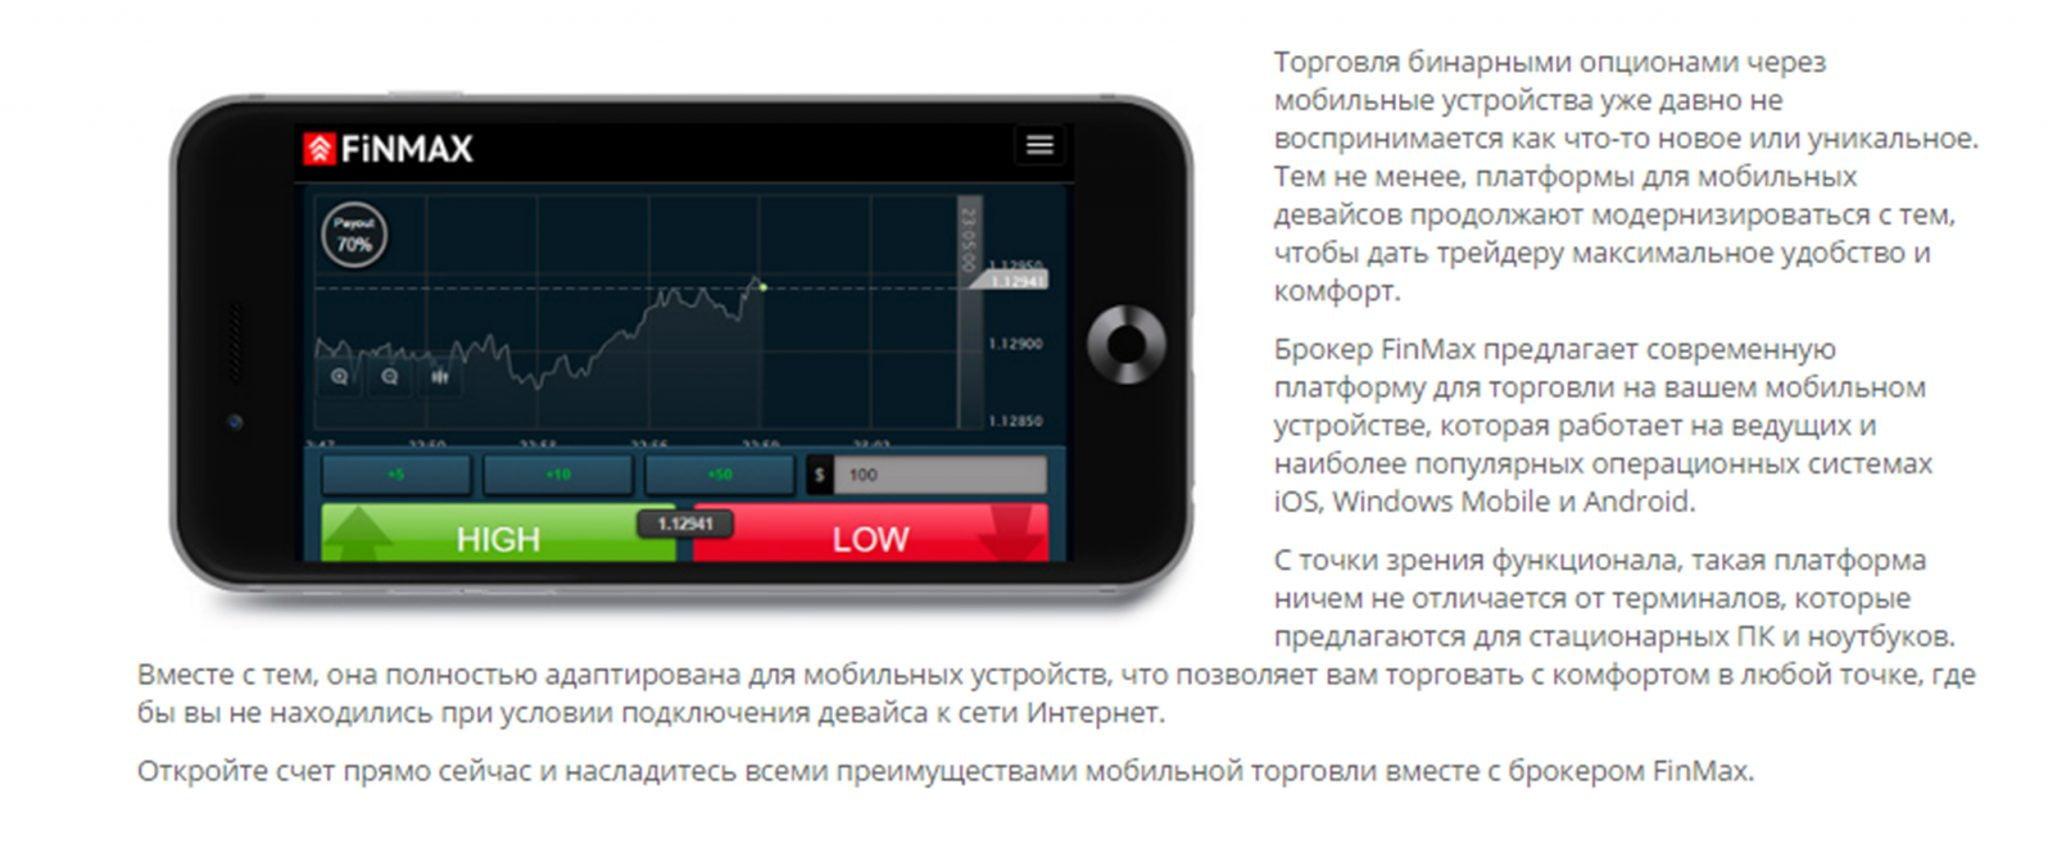 обильная версия платформы Finmax